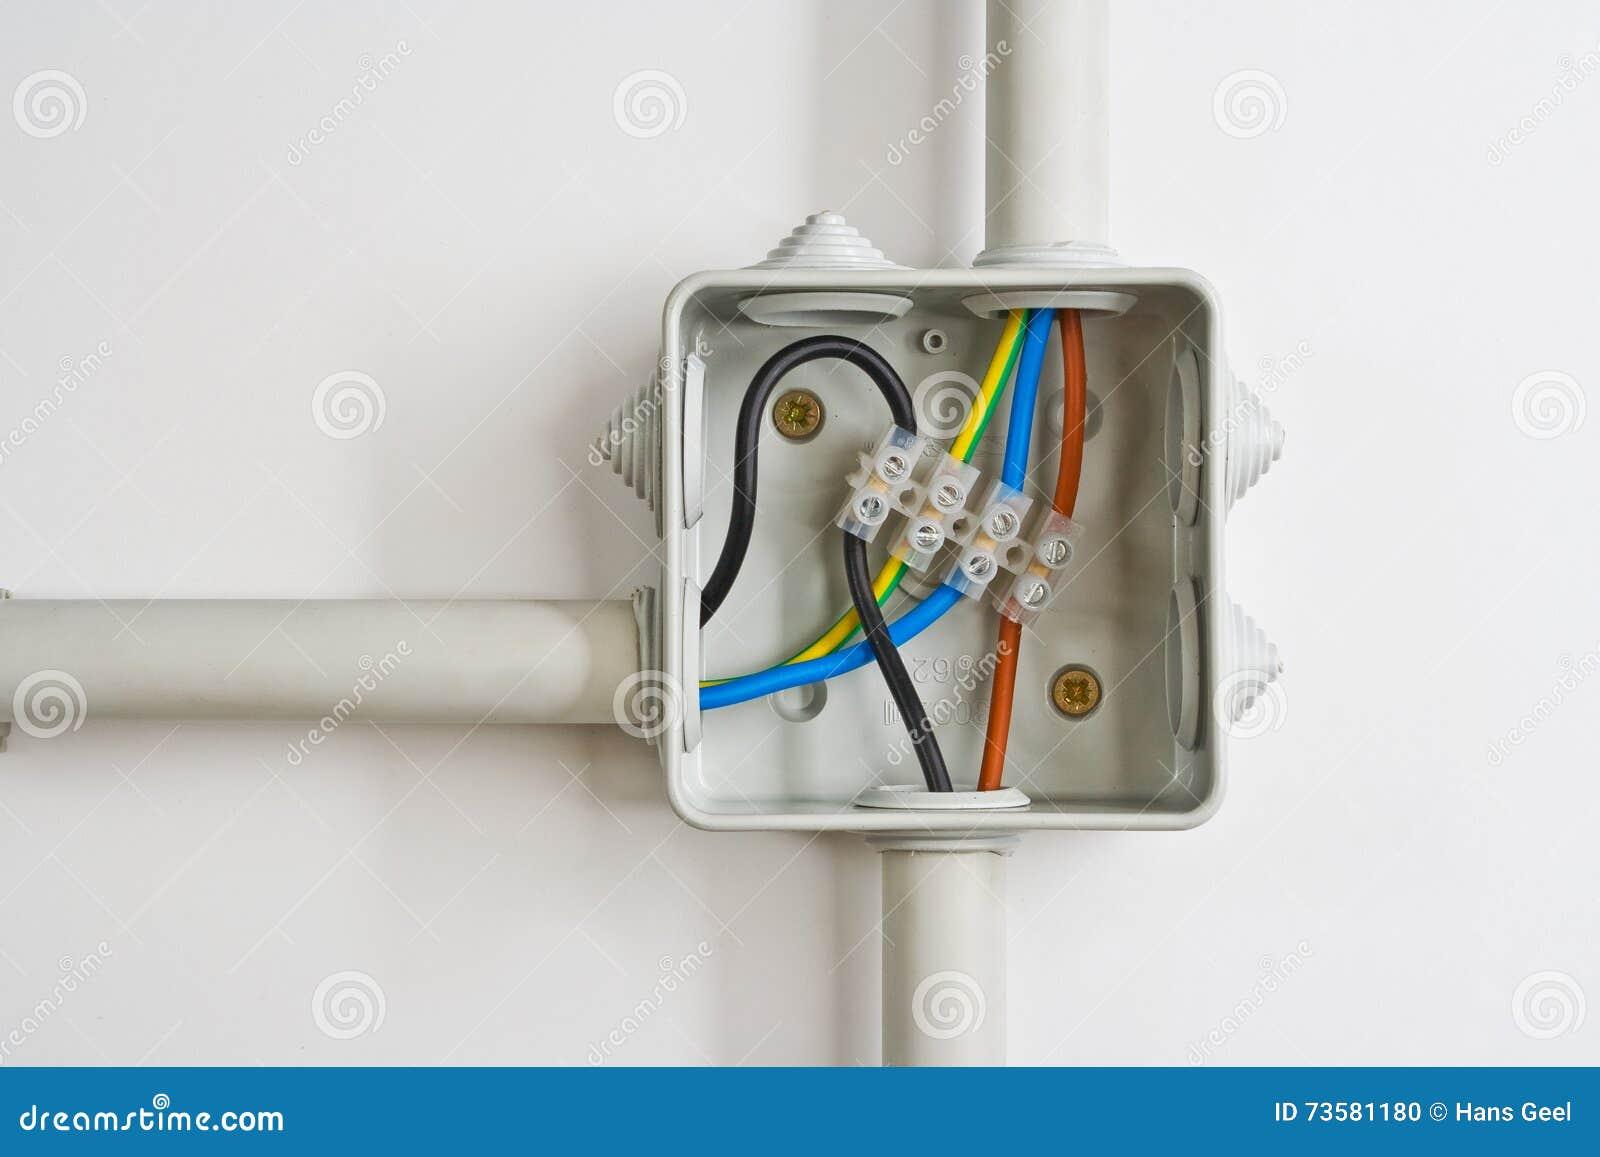 Niedlich Handgemachte Drahtverbindungen Galerie - Elektrische ...